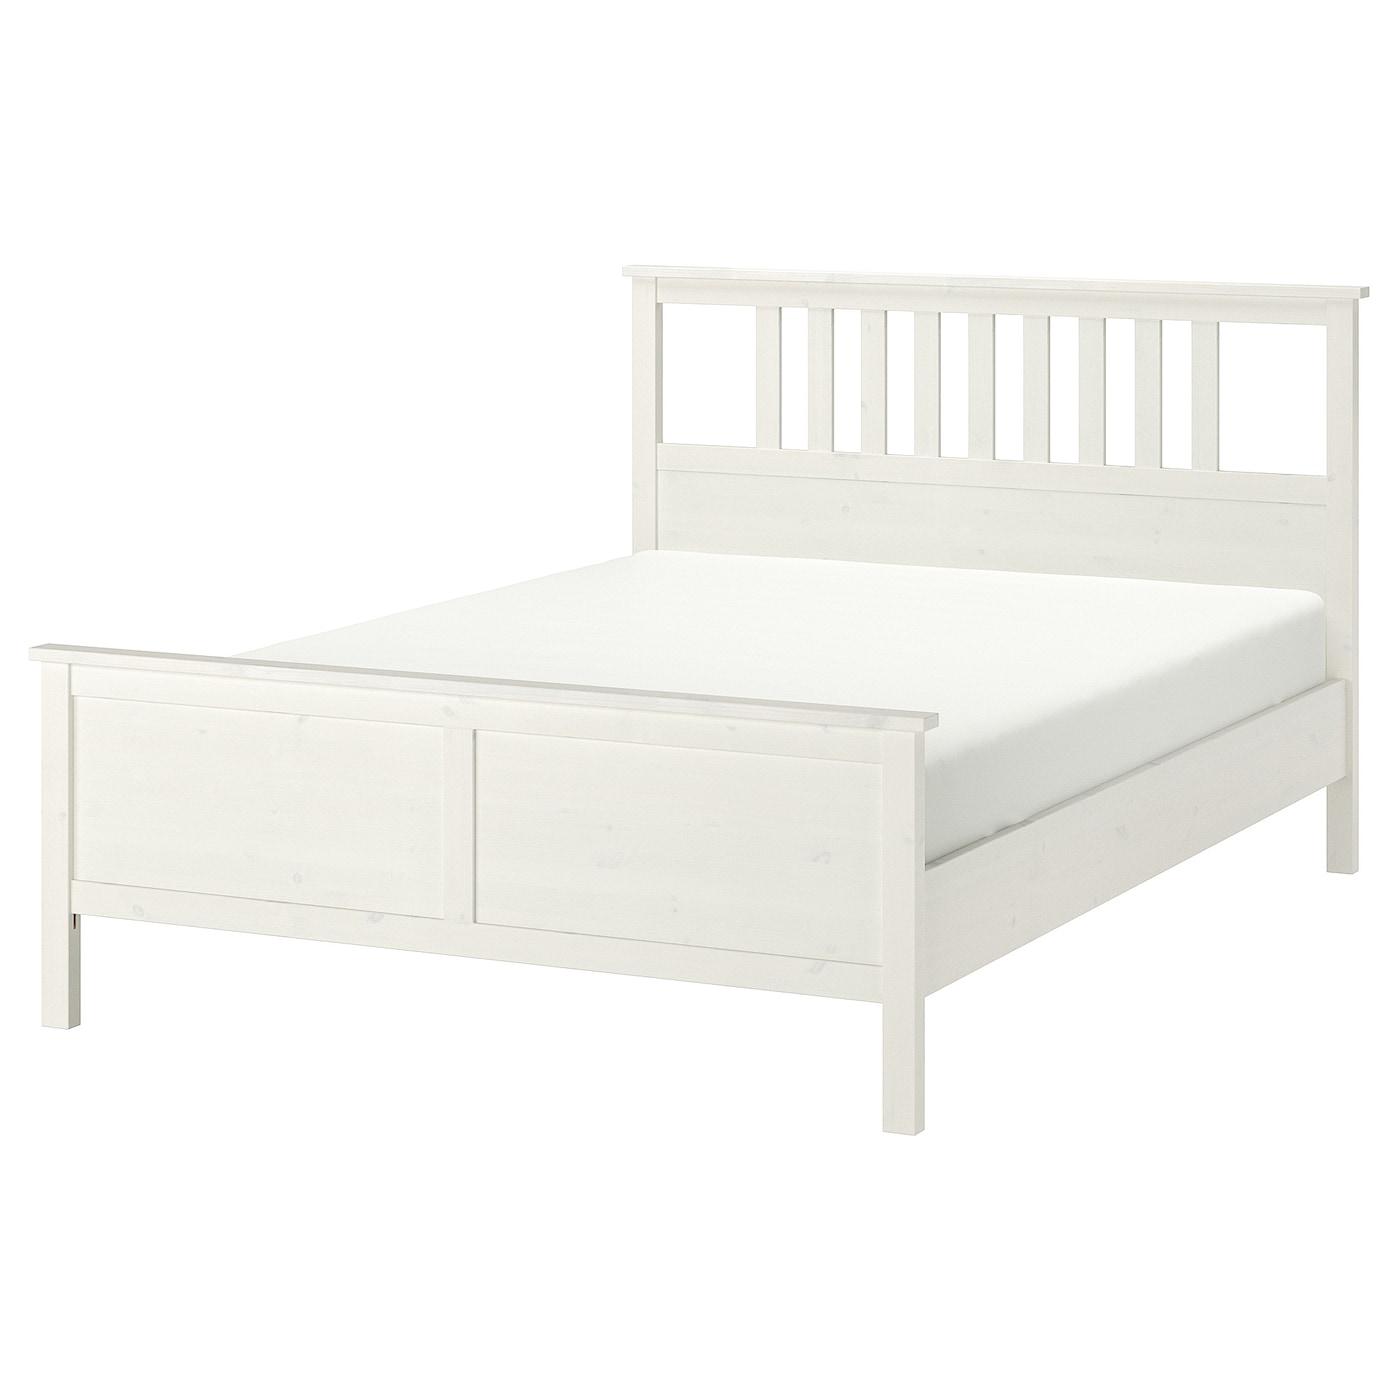 Ikea Tweepersoons Bedbank.Hemnes Bedframe Wit Gebeitst 160x200 Cm Ikea